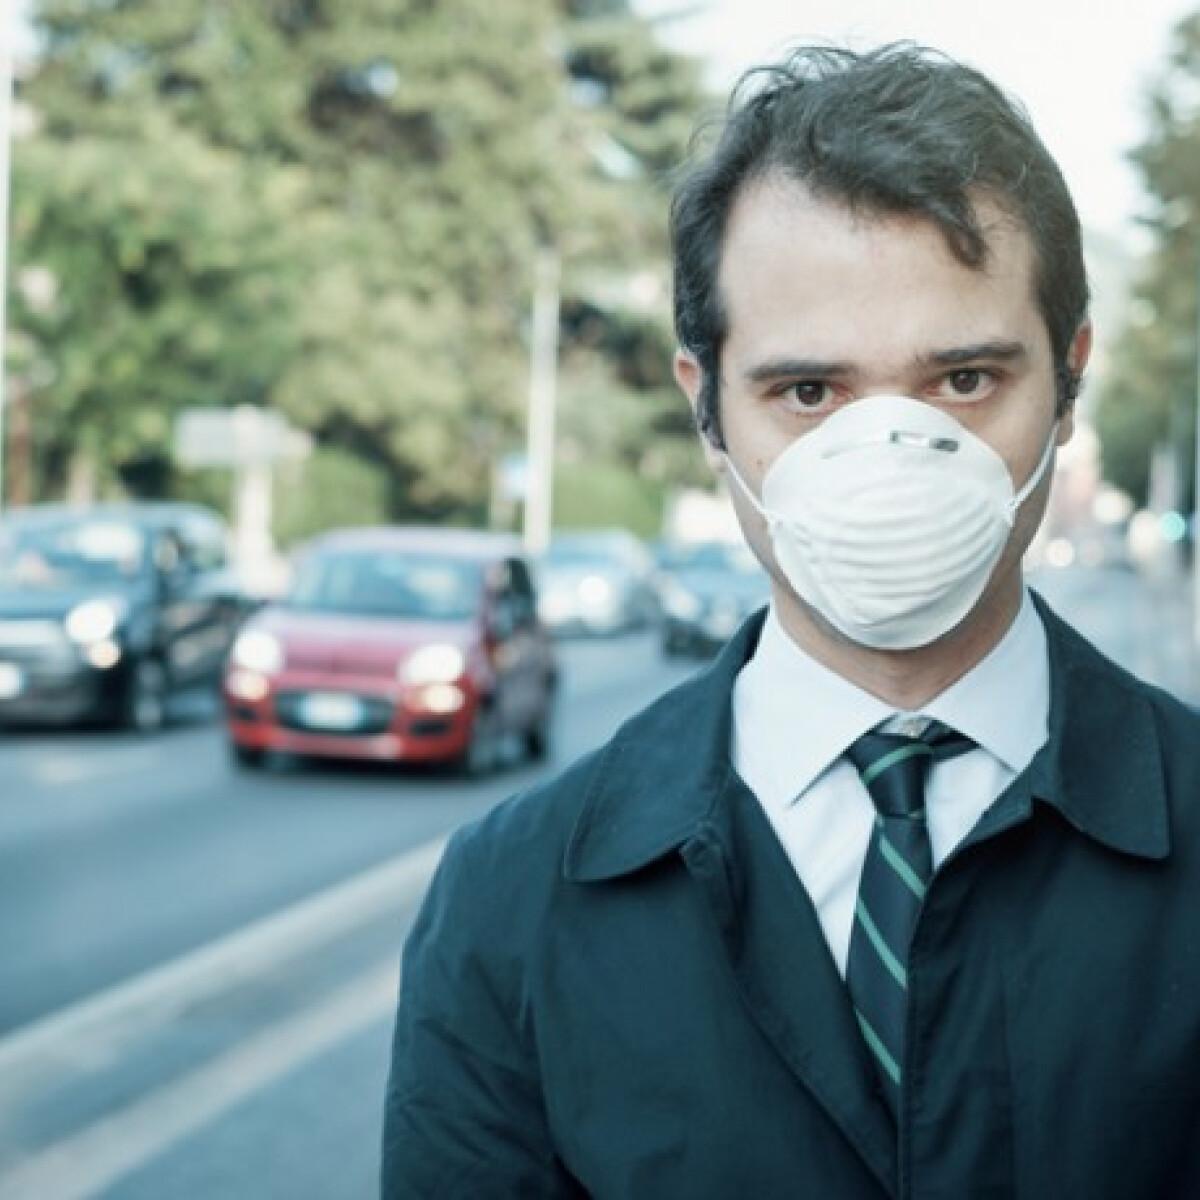 Rossz hír a városlakóknak: a levegő szennyezettsége a mentális egészségünket is tönkreteheti